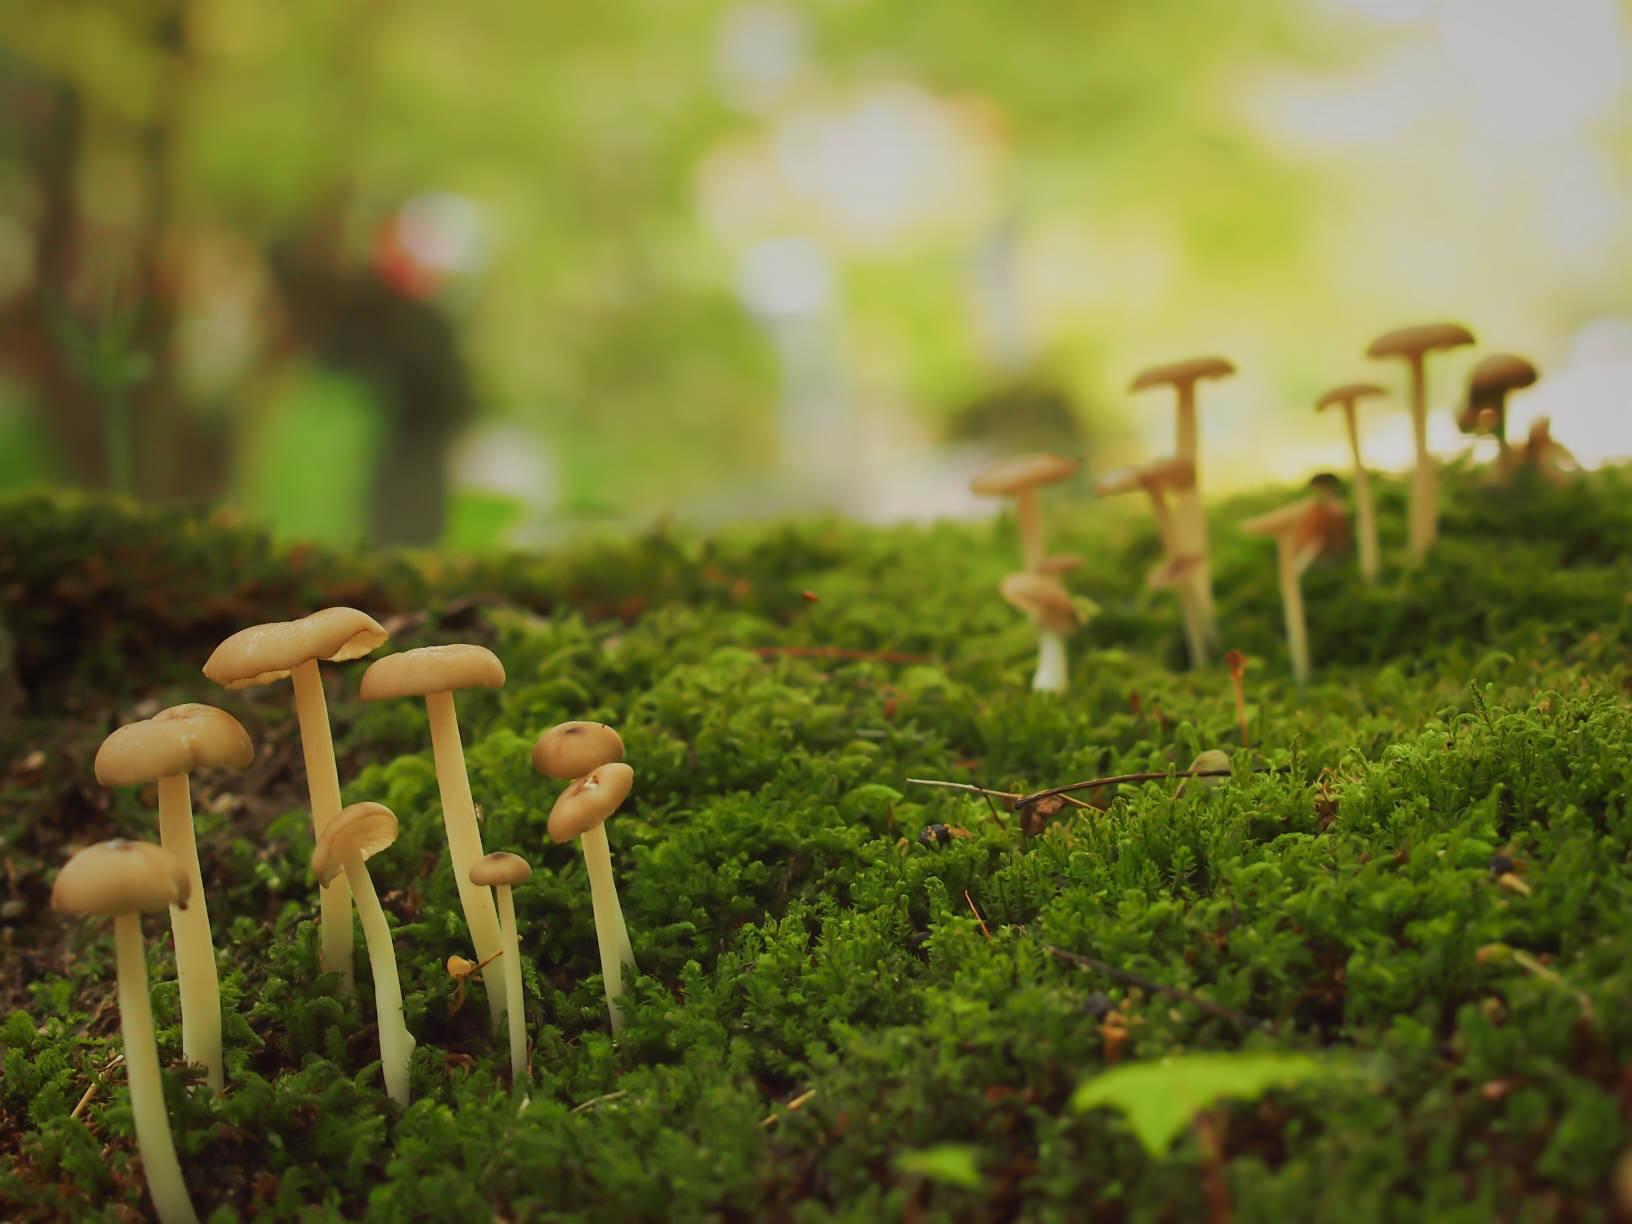 涼を感じる「苔」を日常に。マクロな苔の世界を覗いてみよう!